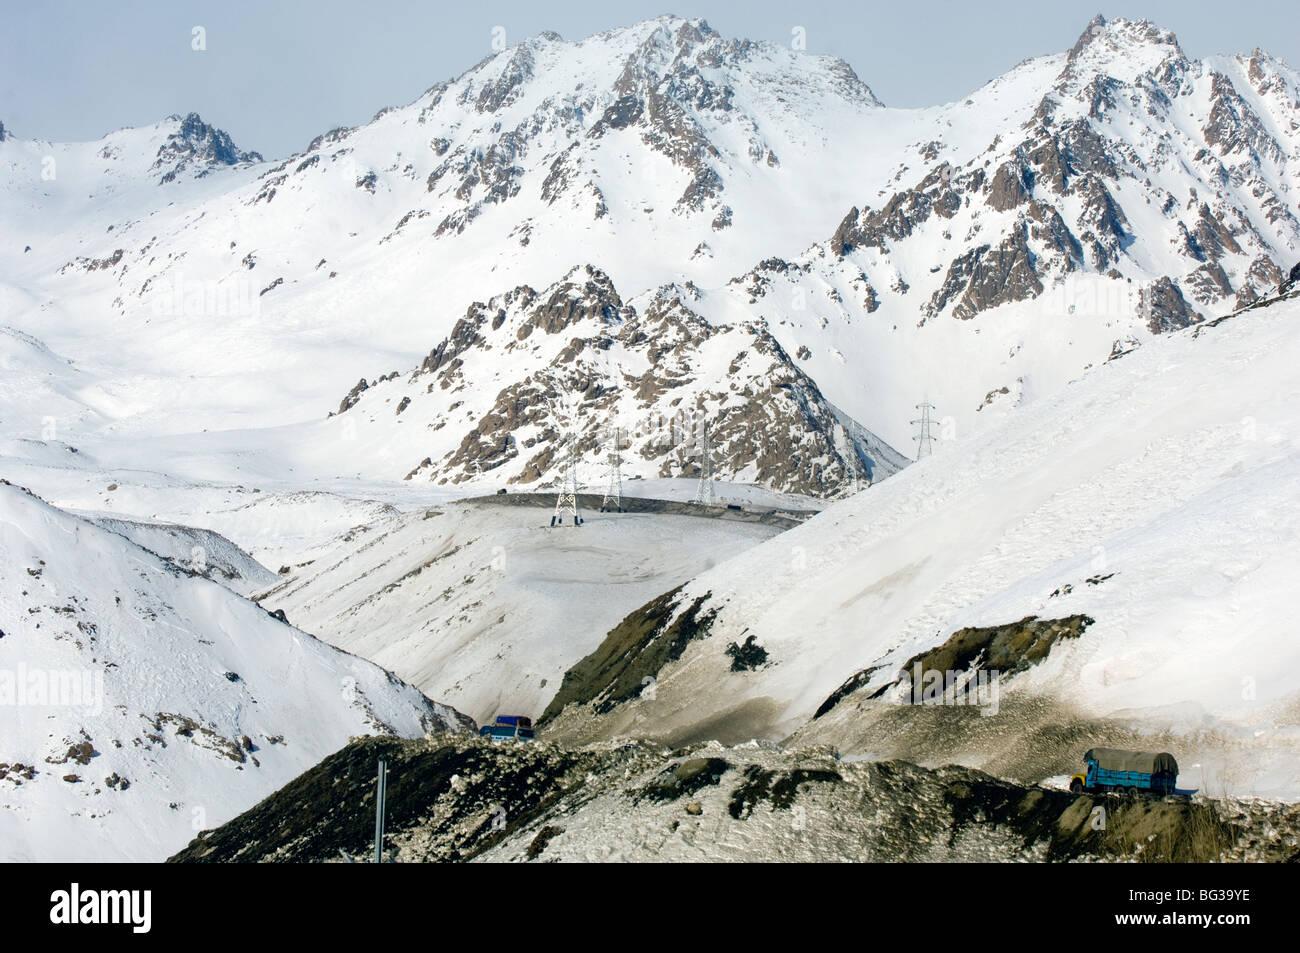 Salang Pass Hindu Kush, Afghanistan - Stock Image